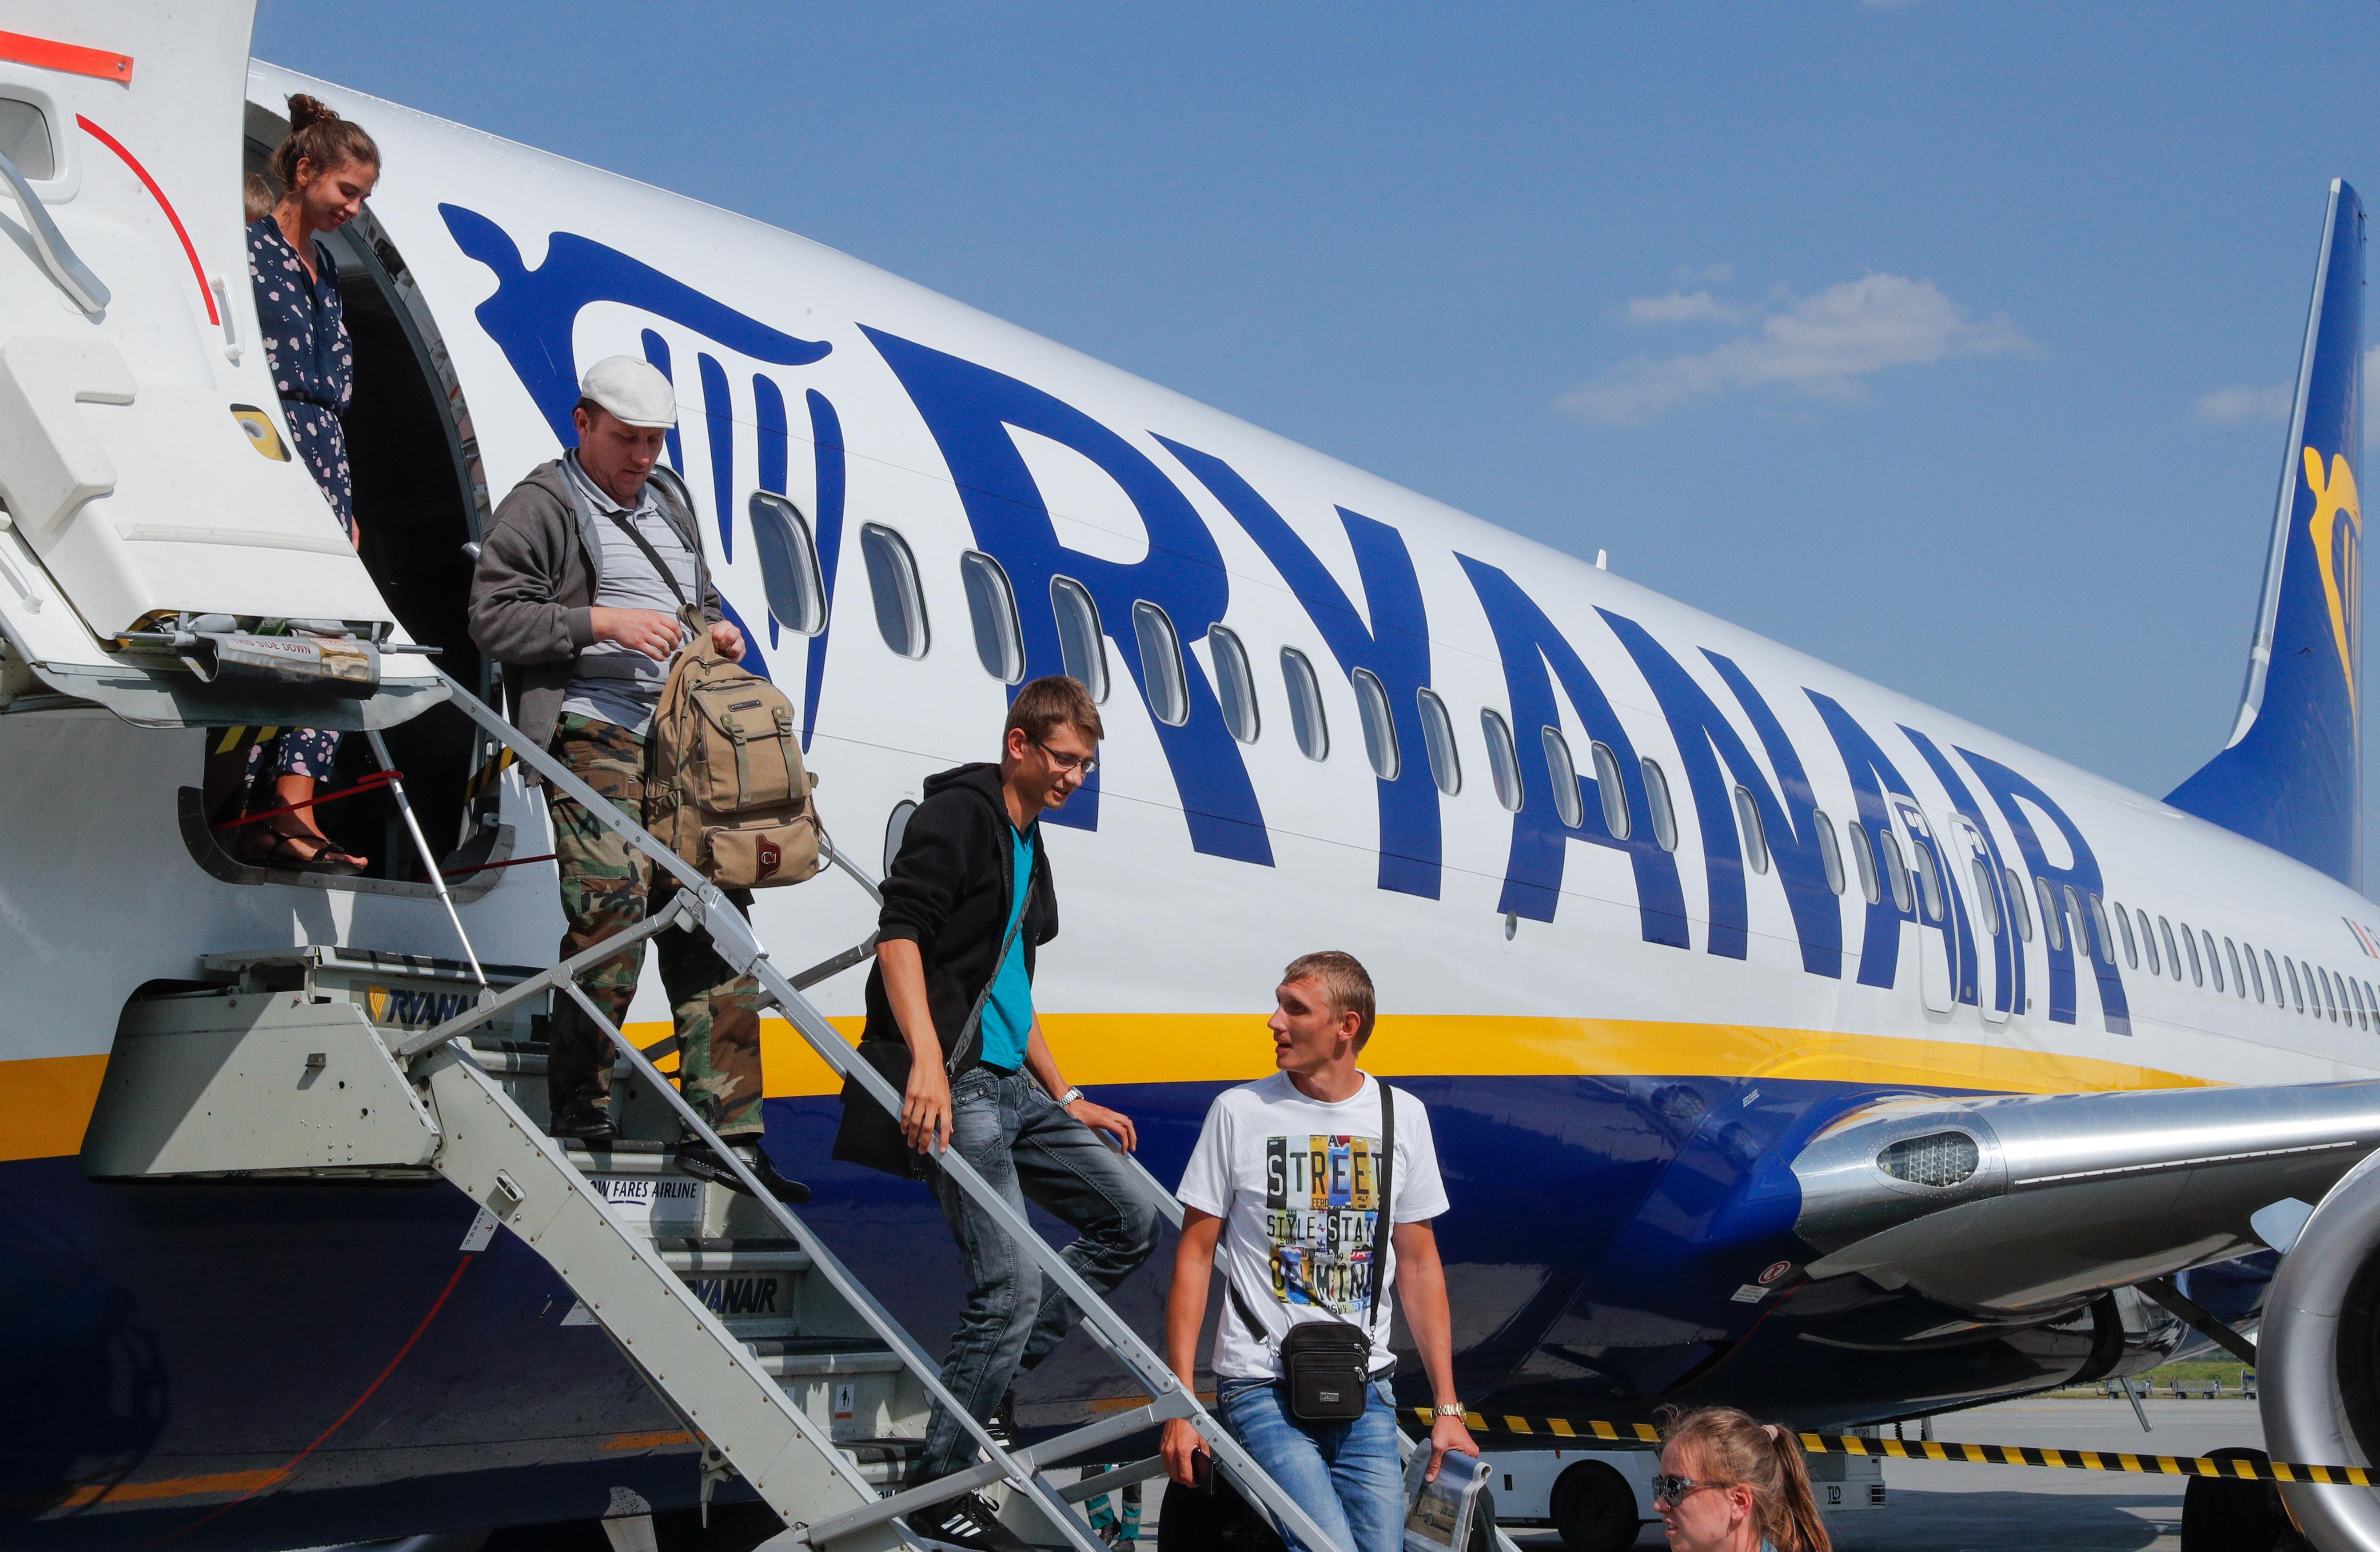 6449b3d4829 Στηριζόμενη στο επιχείρημα της εξάλειψης των καθυστερήσεων κατά την  επιβίβαση, που την οδήγησε να βάλει τέλος στη δωρεάν χειραποσκευή, η Ryanair  ανακοινώνει ...